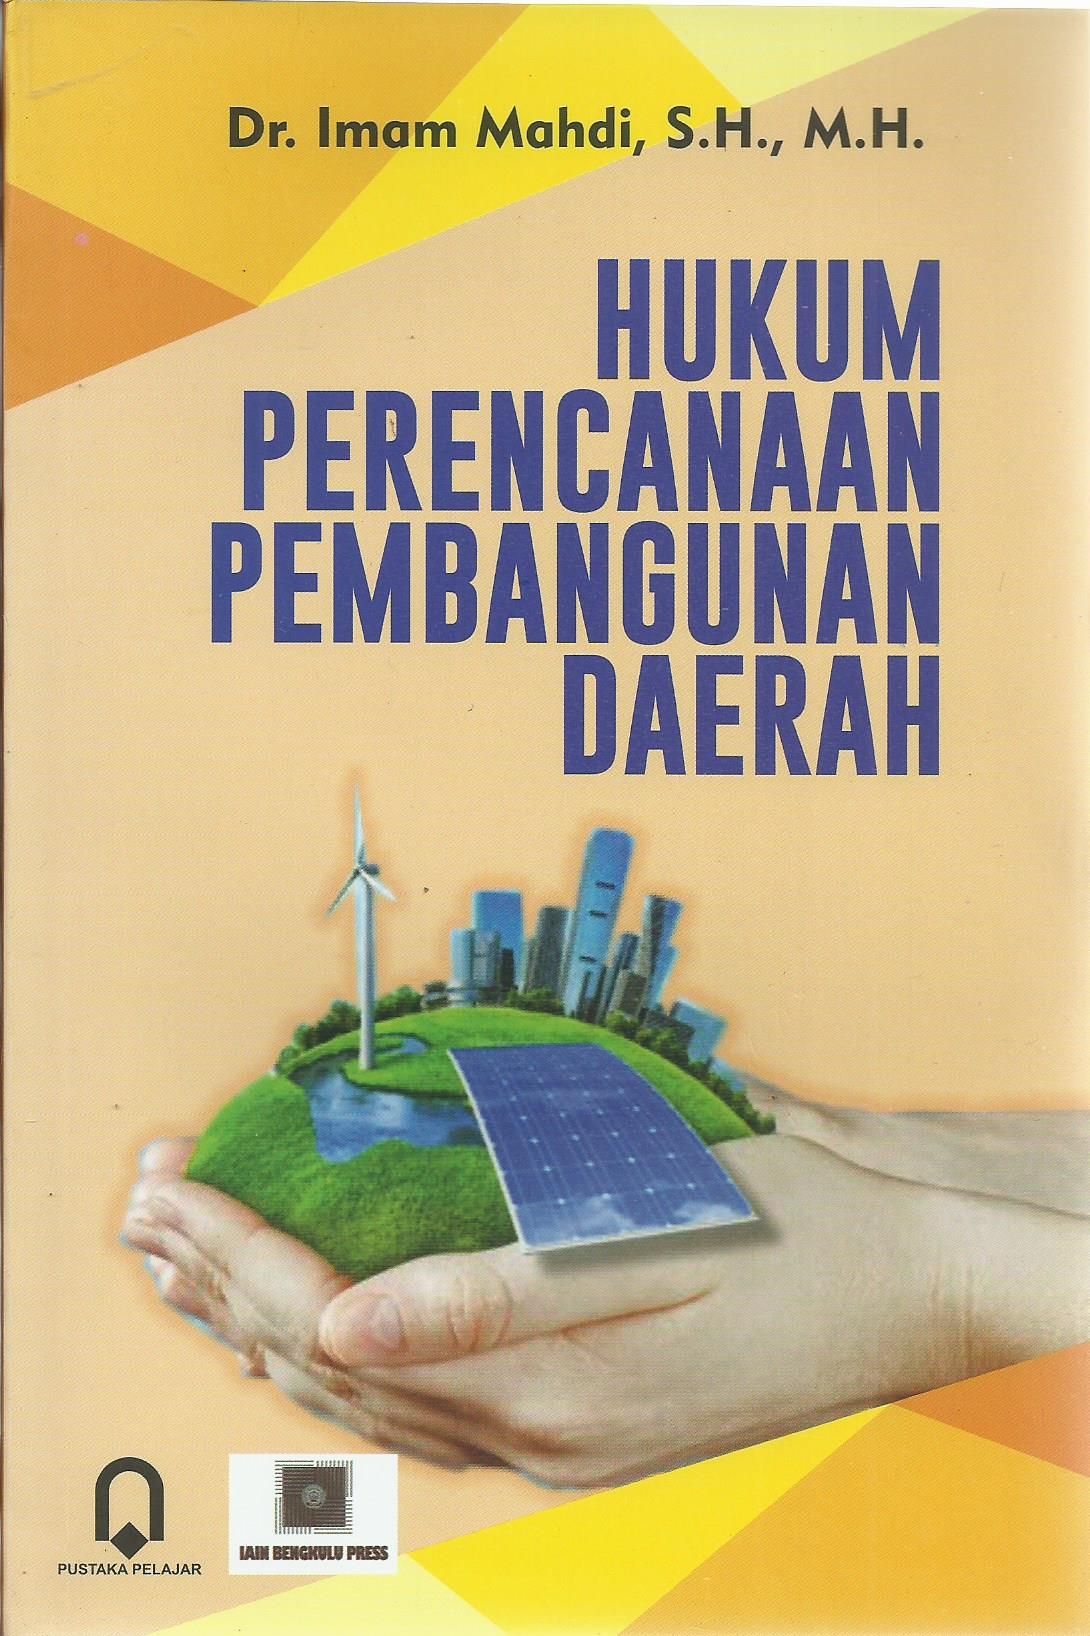 Hukum Perencanaan Pembangunan Daerah